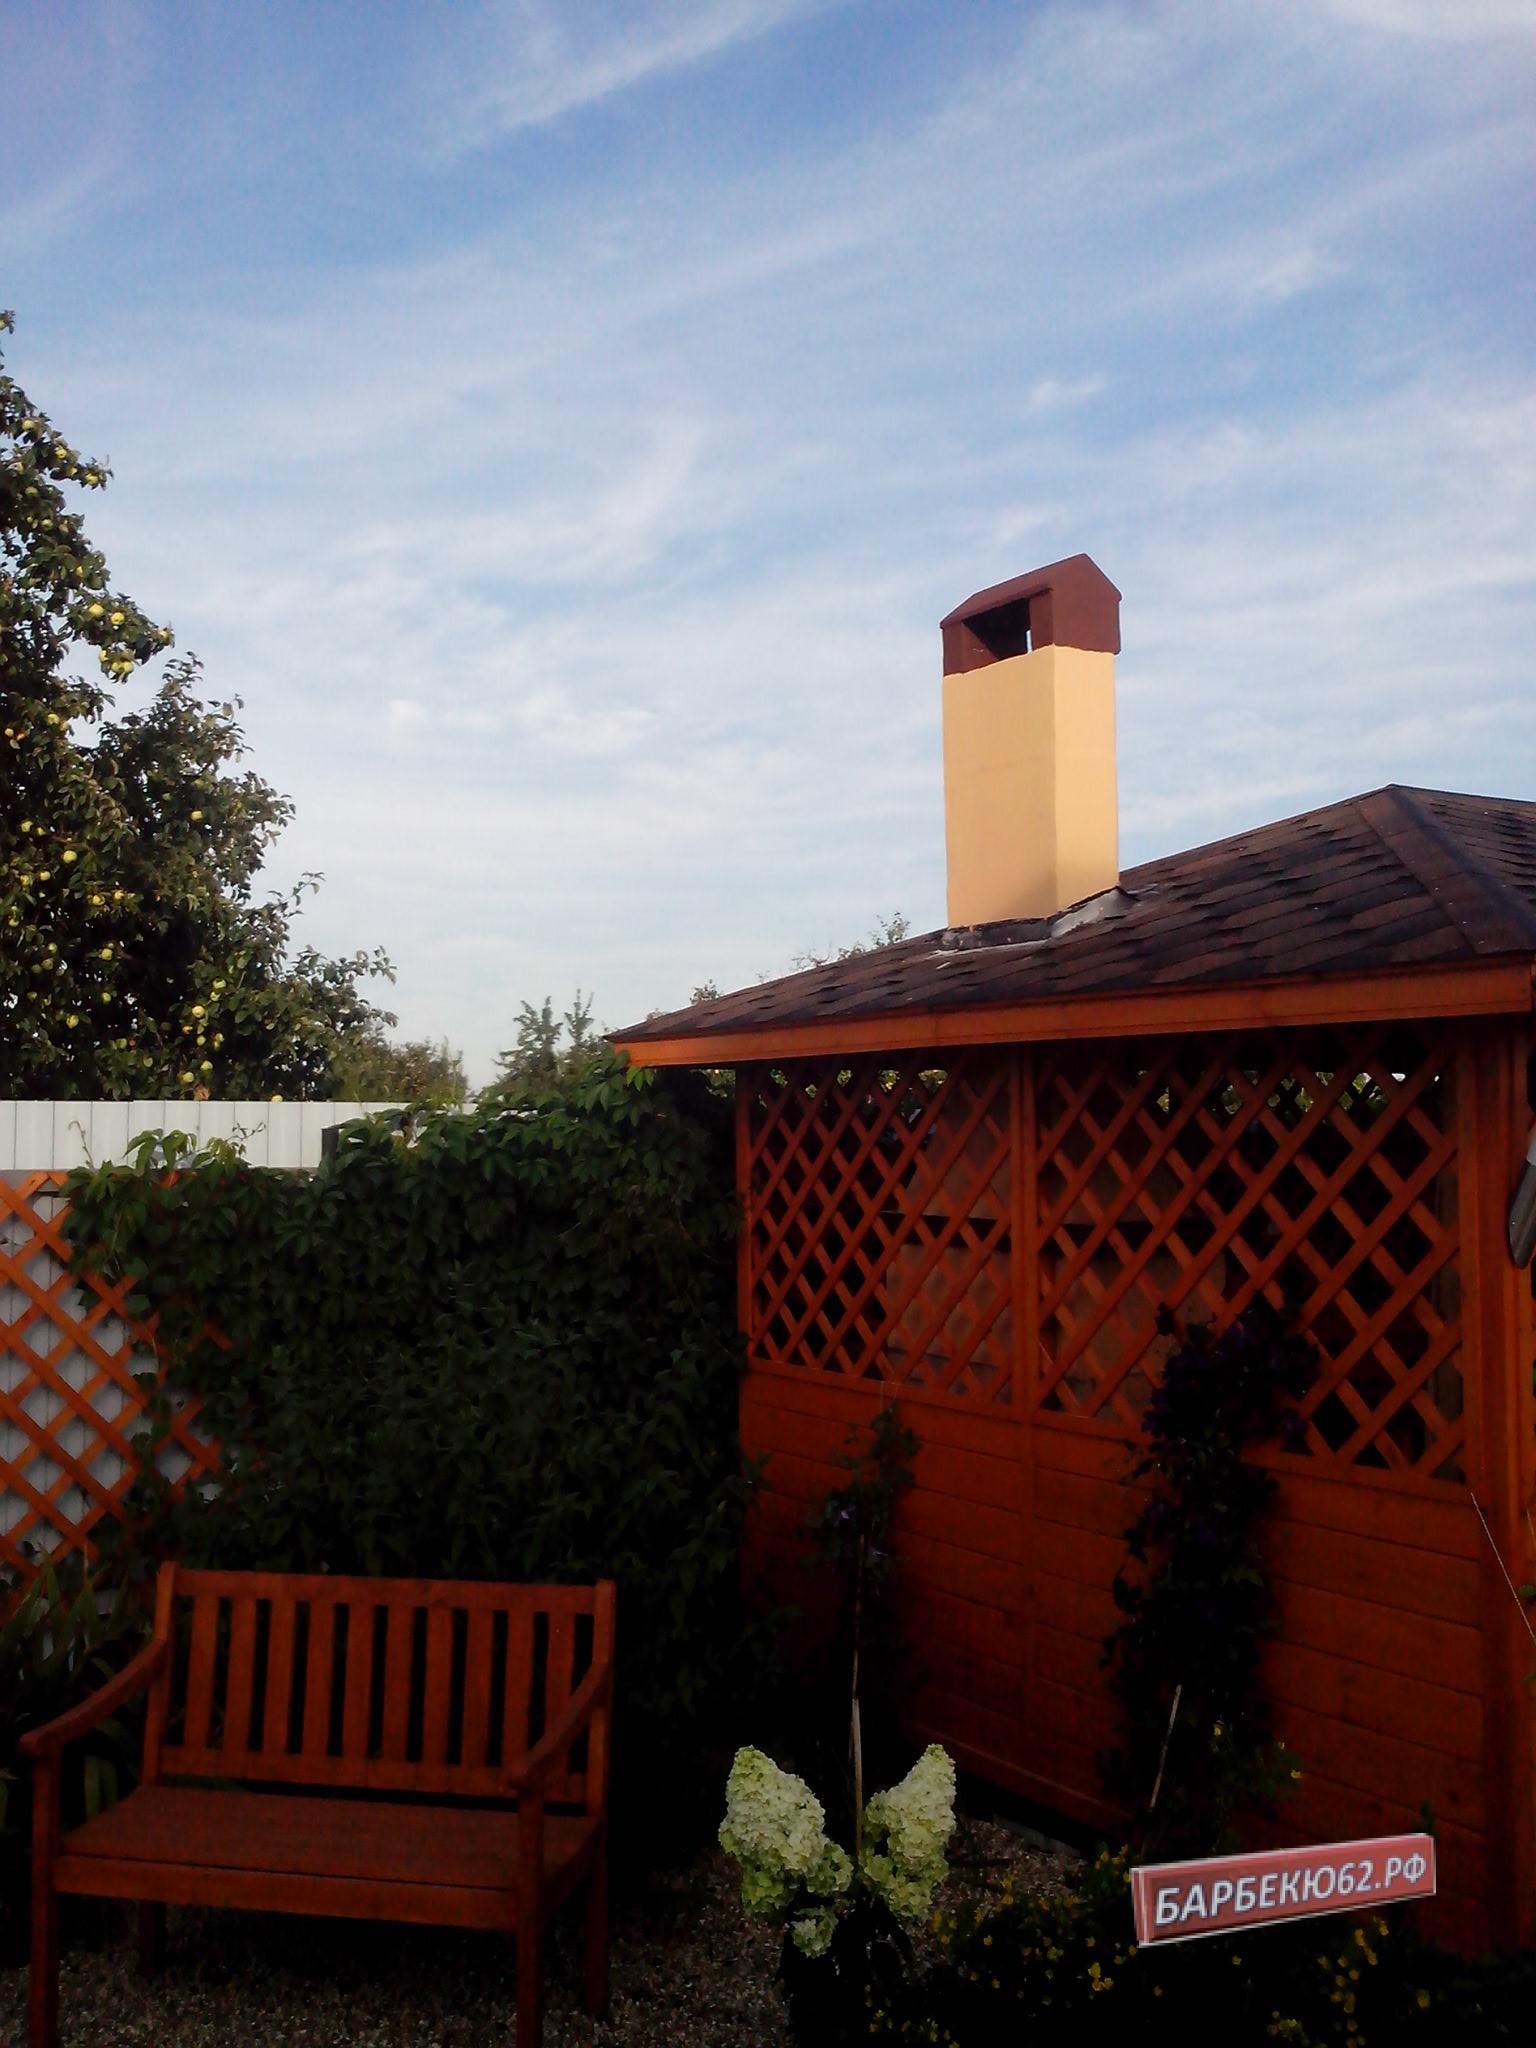 Труба печи-барбекю в крыше беседки размером 3*4